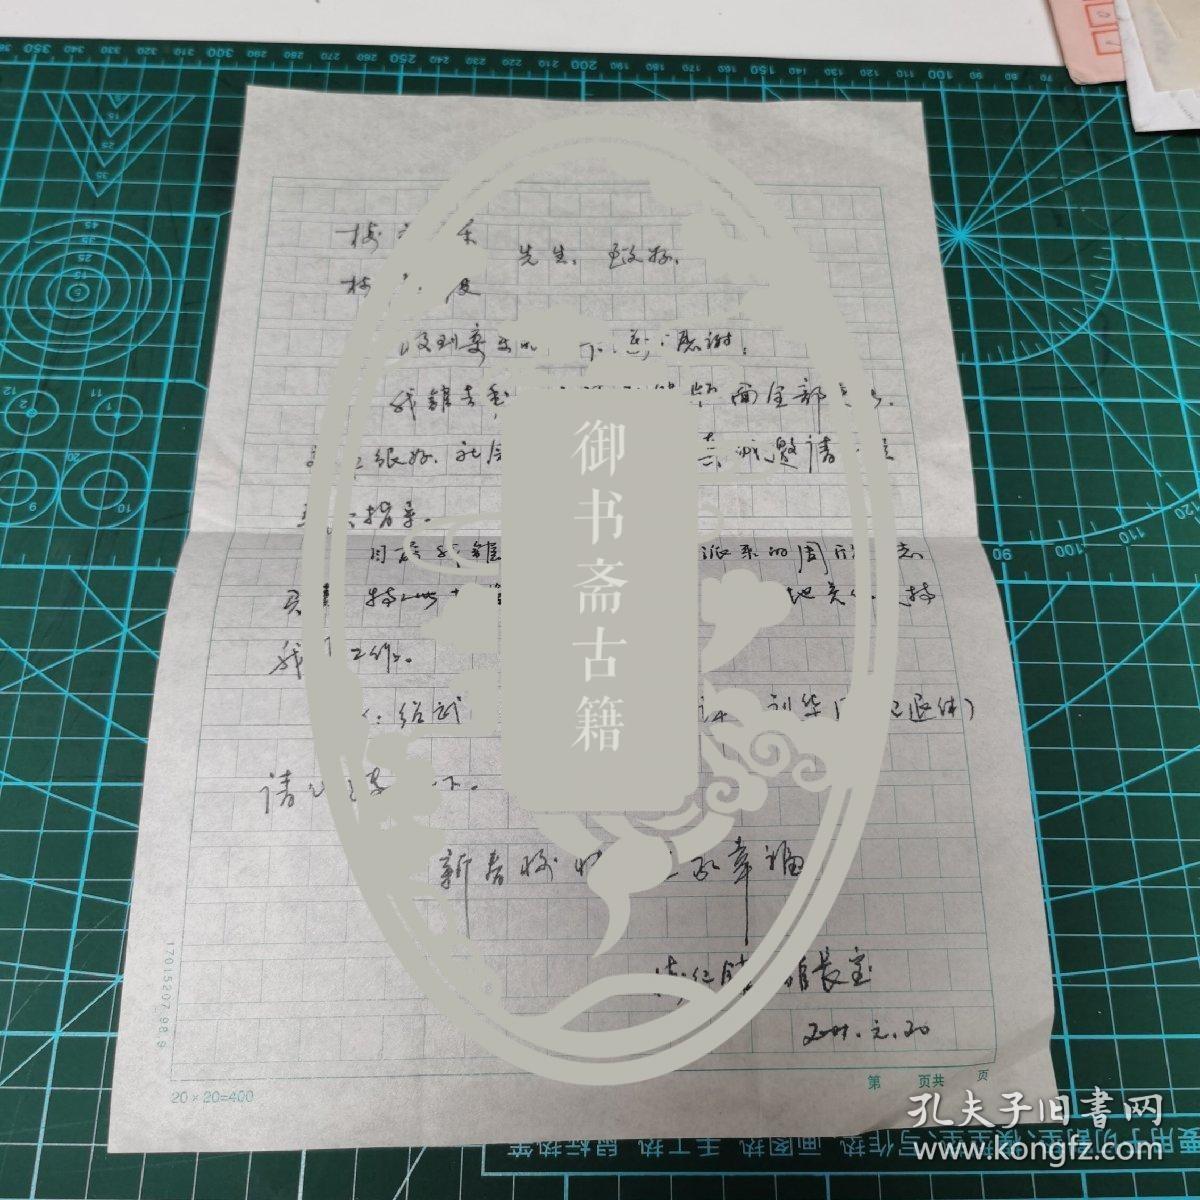 梅葆琛旧藏:梅兰芳纪念馆给美宝琛,林映霞夫妇的信札一张